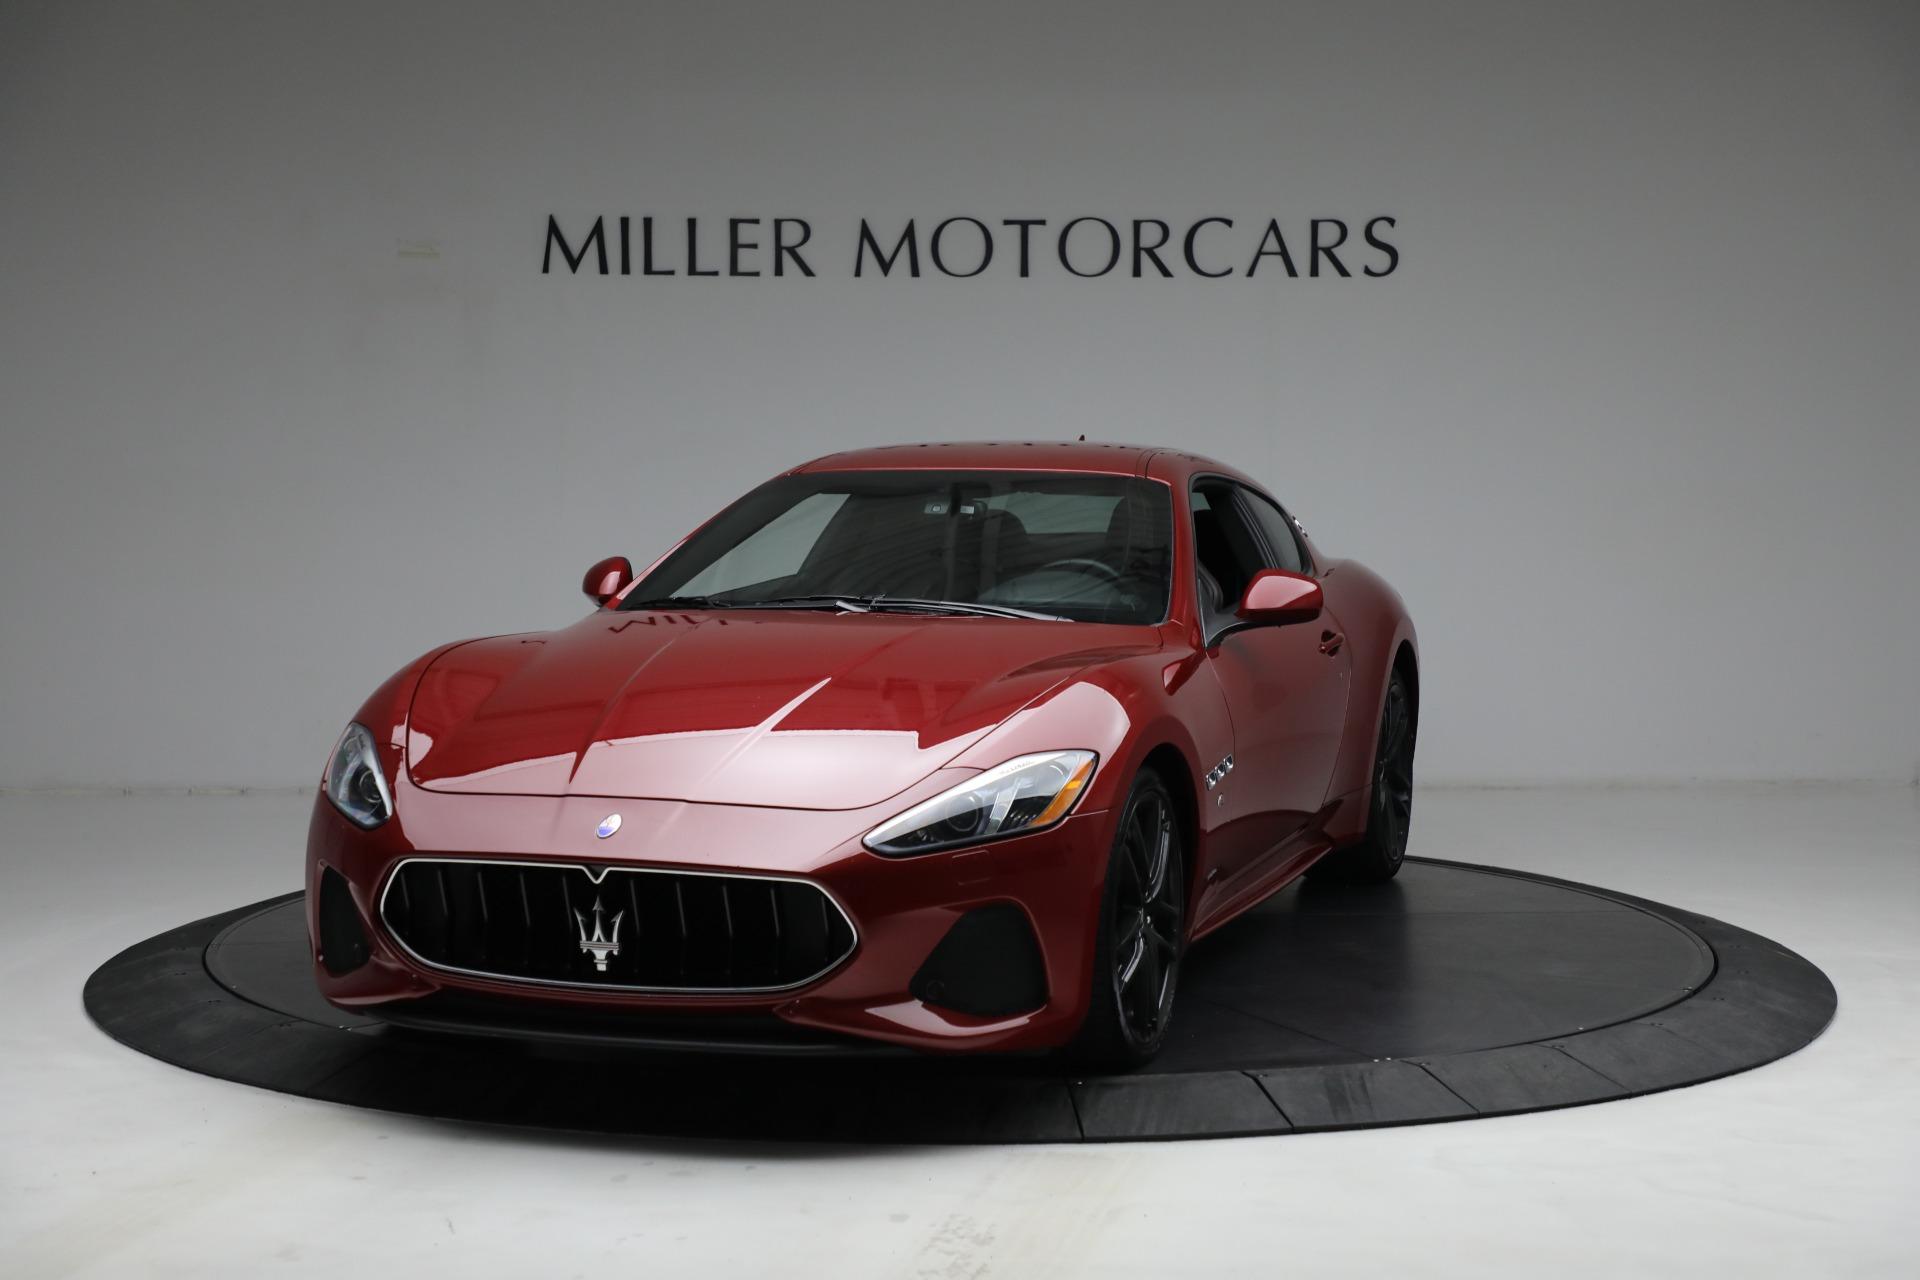 Used 2018 Maserati GranTurismo Sport for sale $94,900 at McLaren Greenwich in Greenwich CT 06830 1